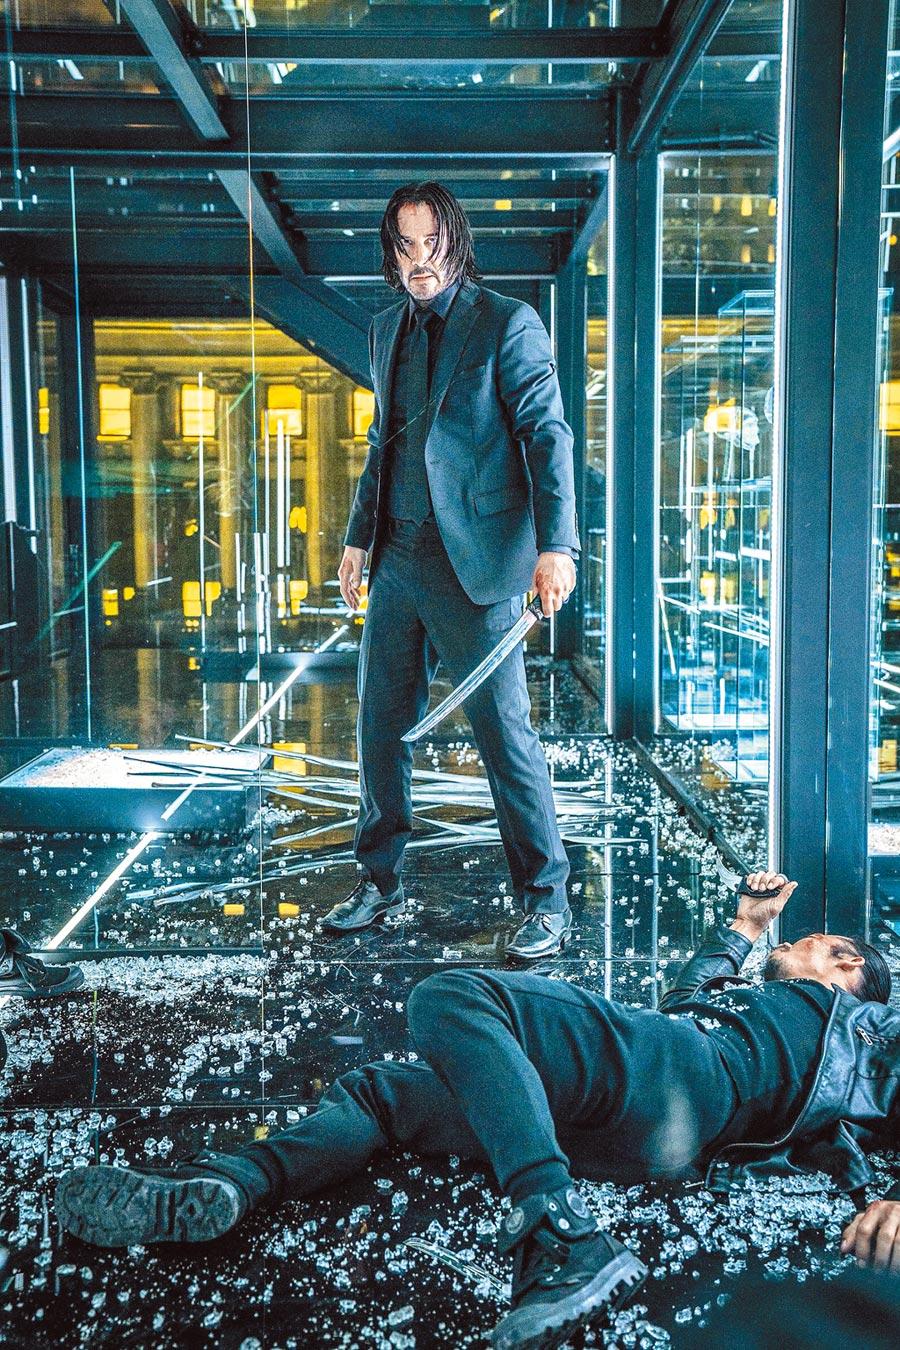 基努李維在片中要挑戰更高難度的武打特技,為此接受4個月的特訓。